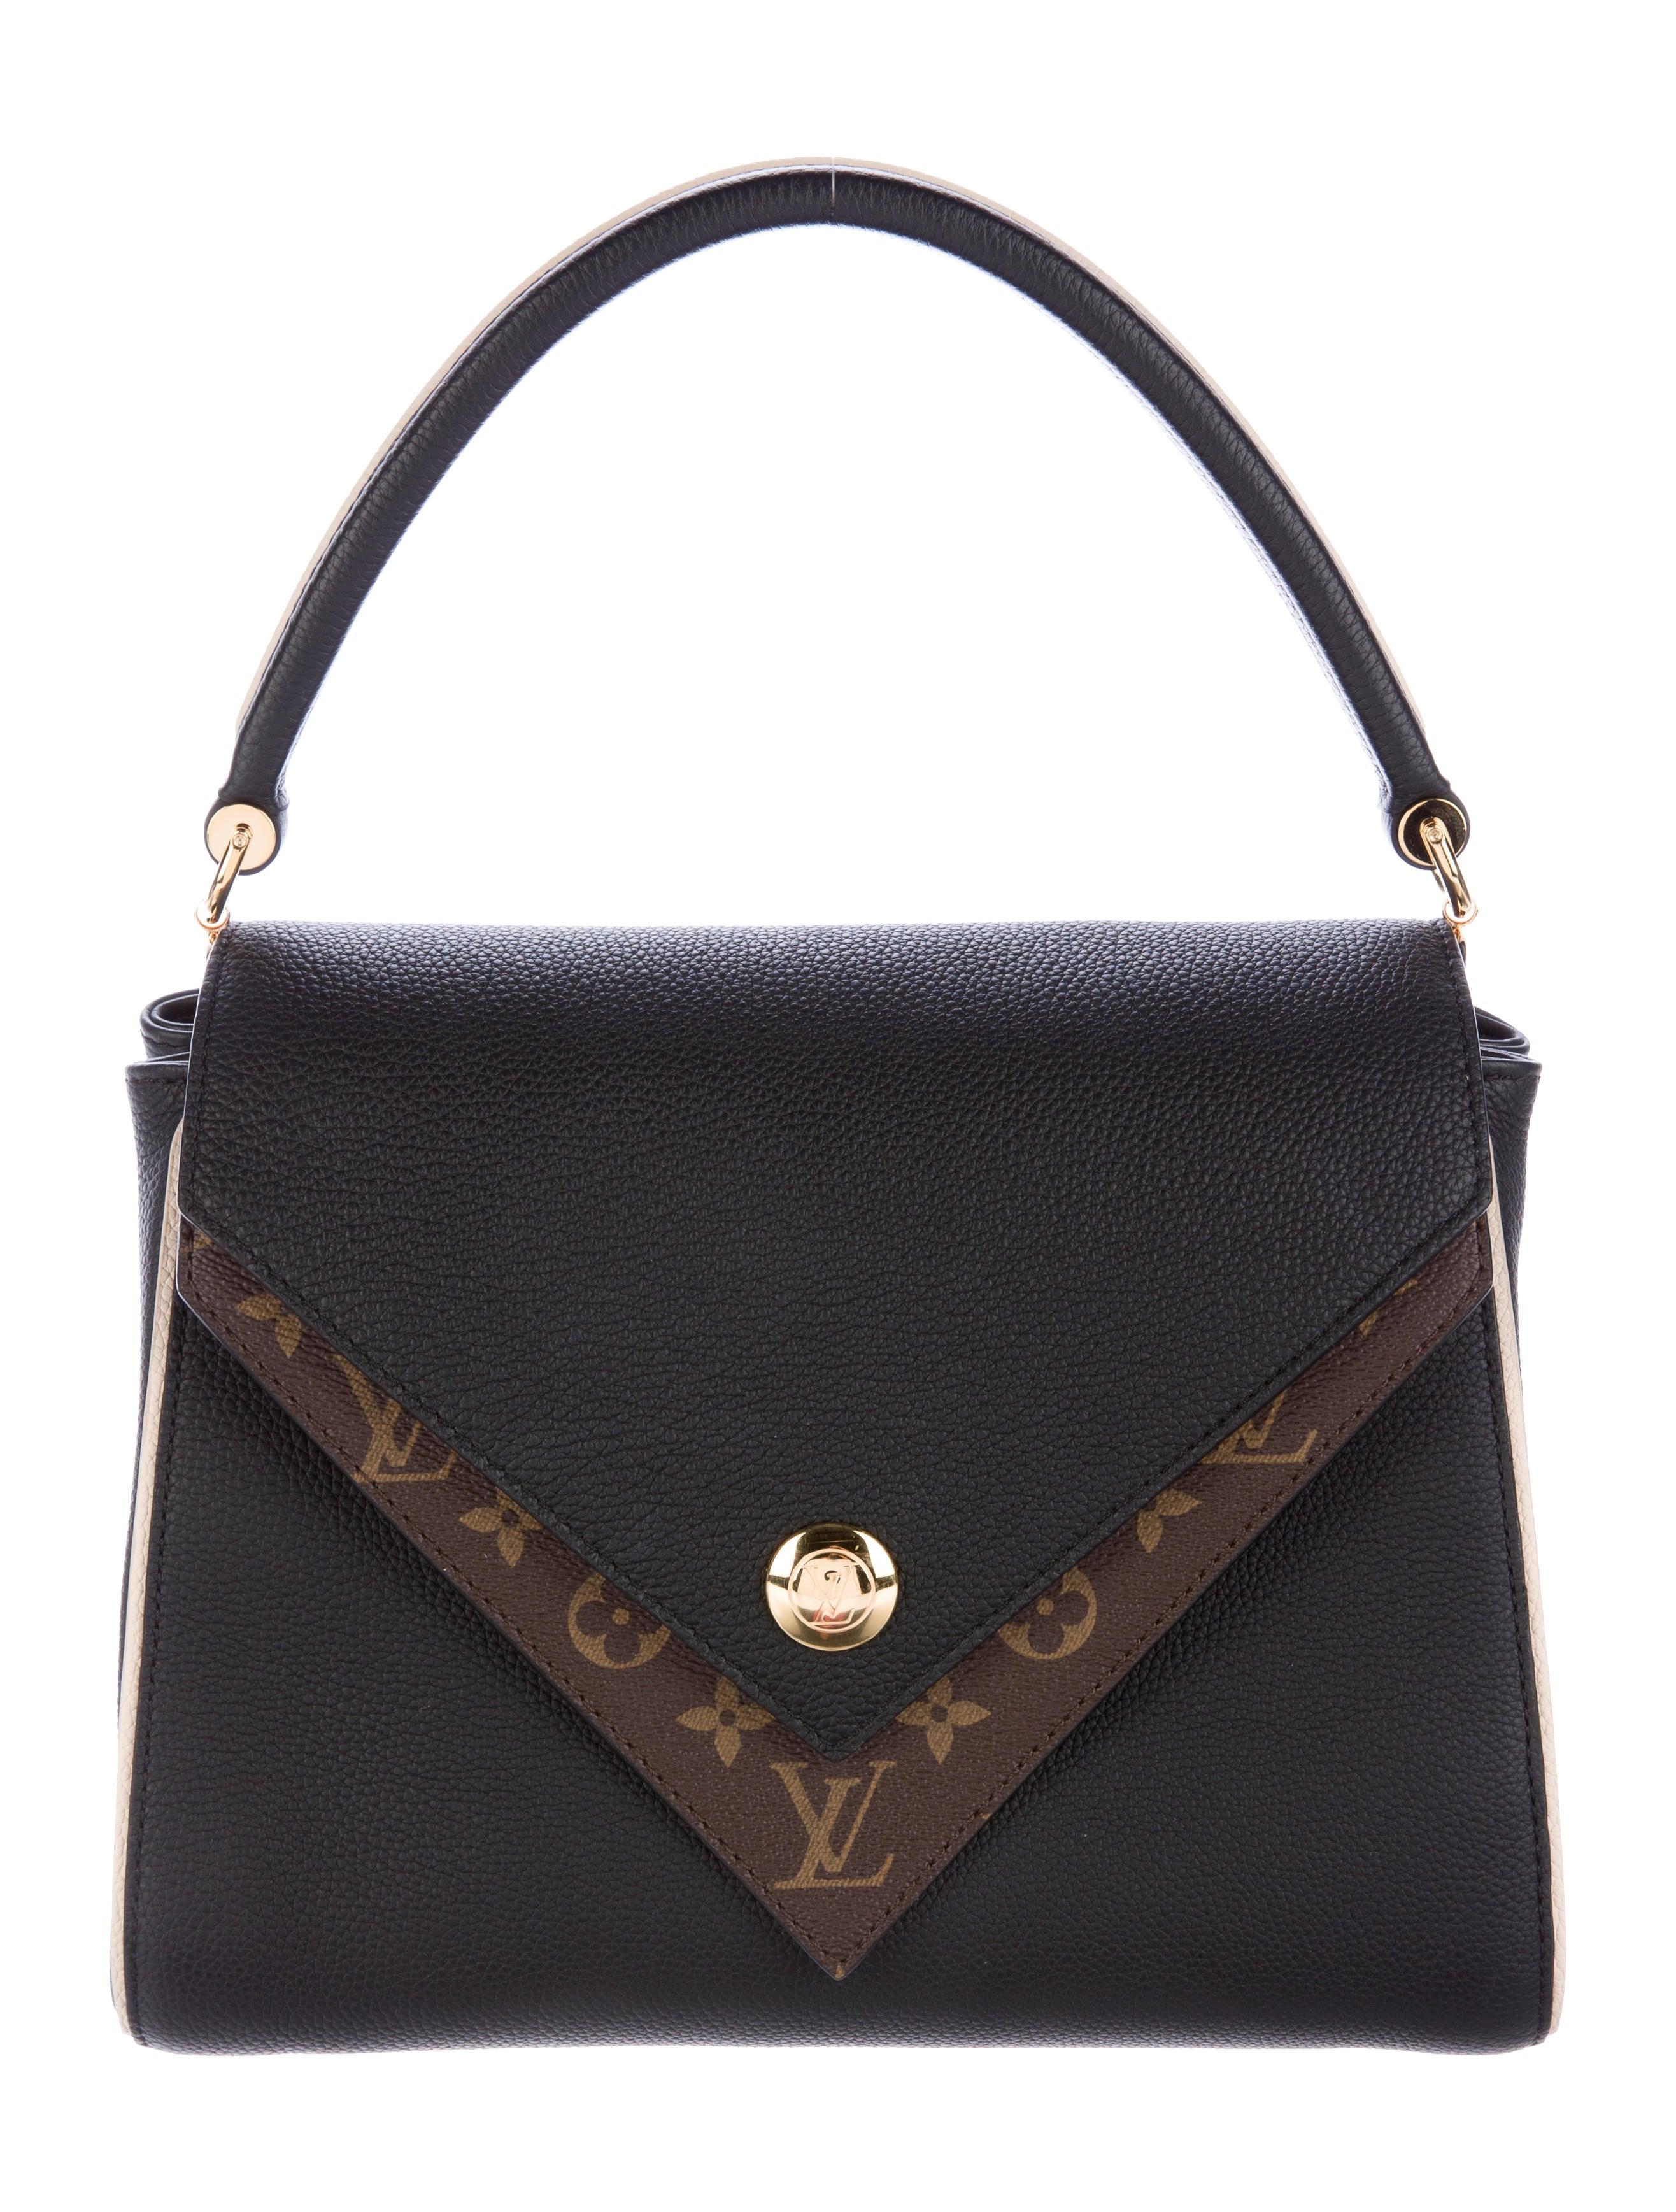 9d1e684d509 Louis Vuitton 2017 Double V Bag - Handbags - LOU115594   The RealReal